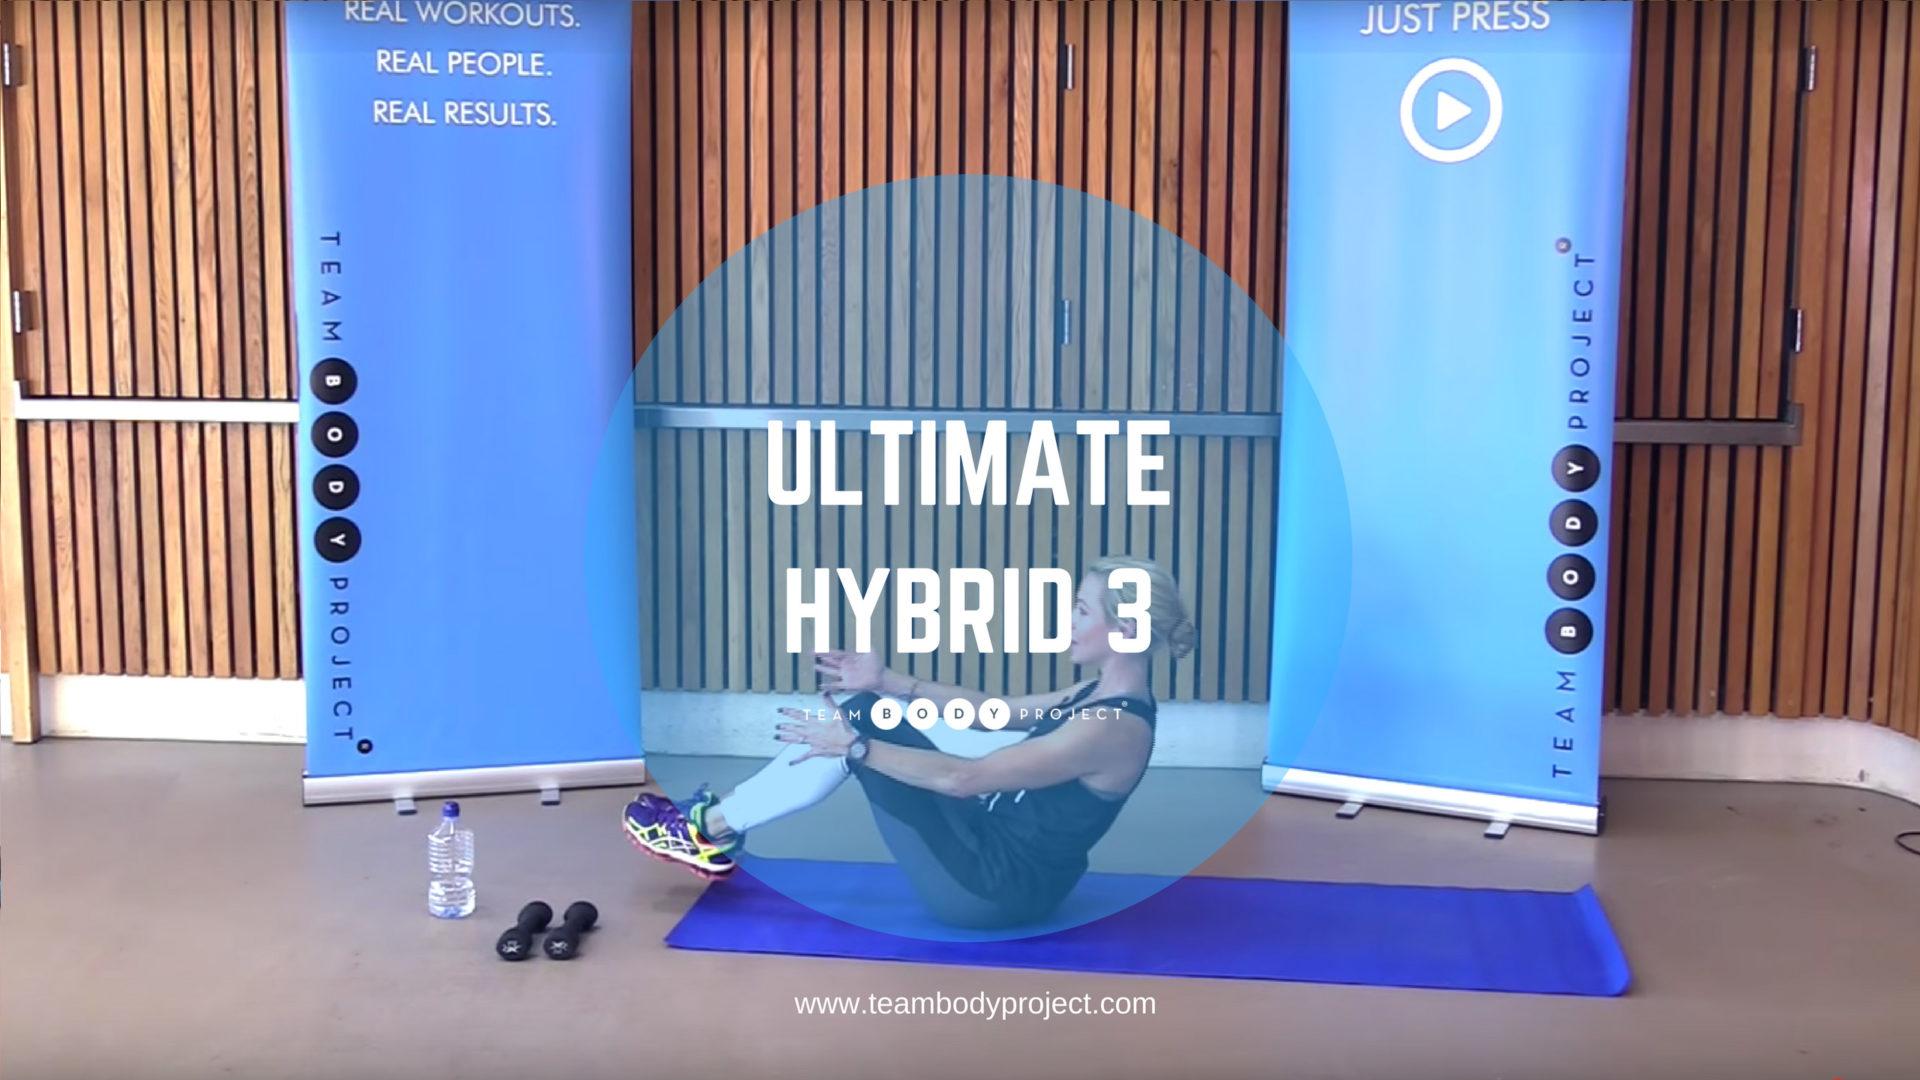 Ultimate Hybrid 3